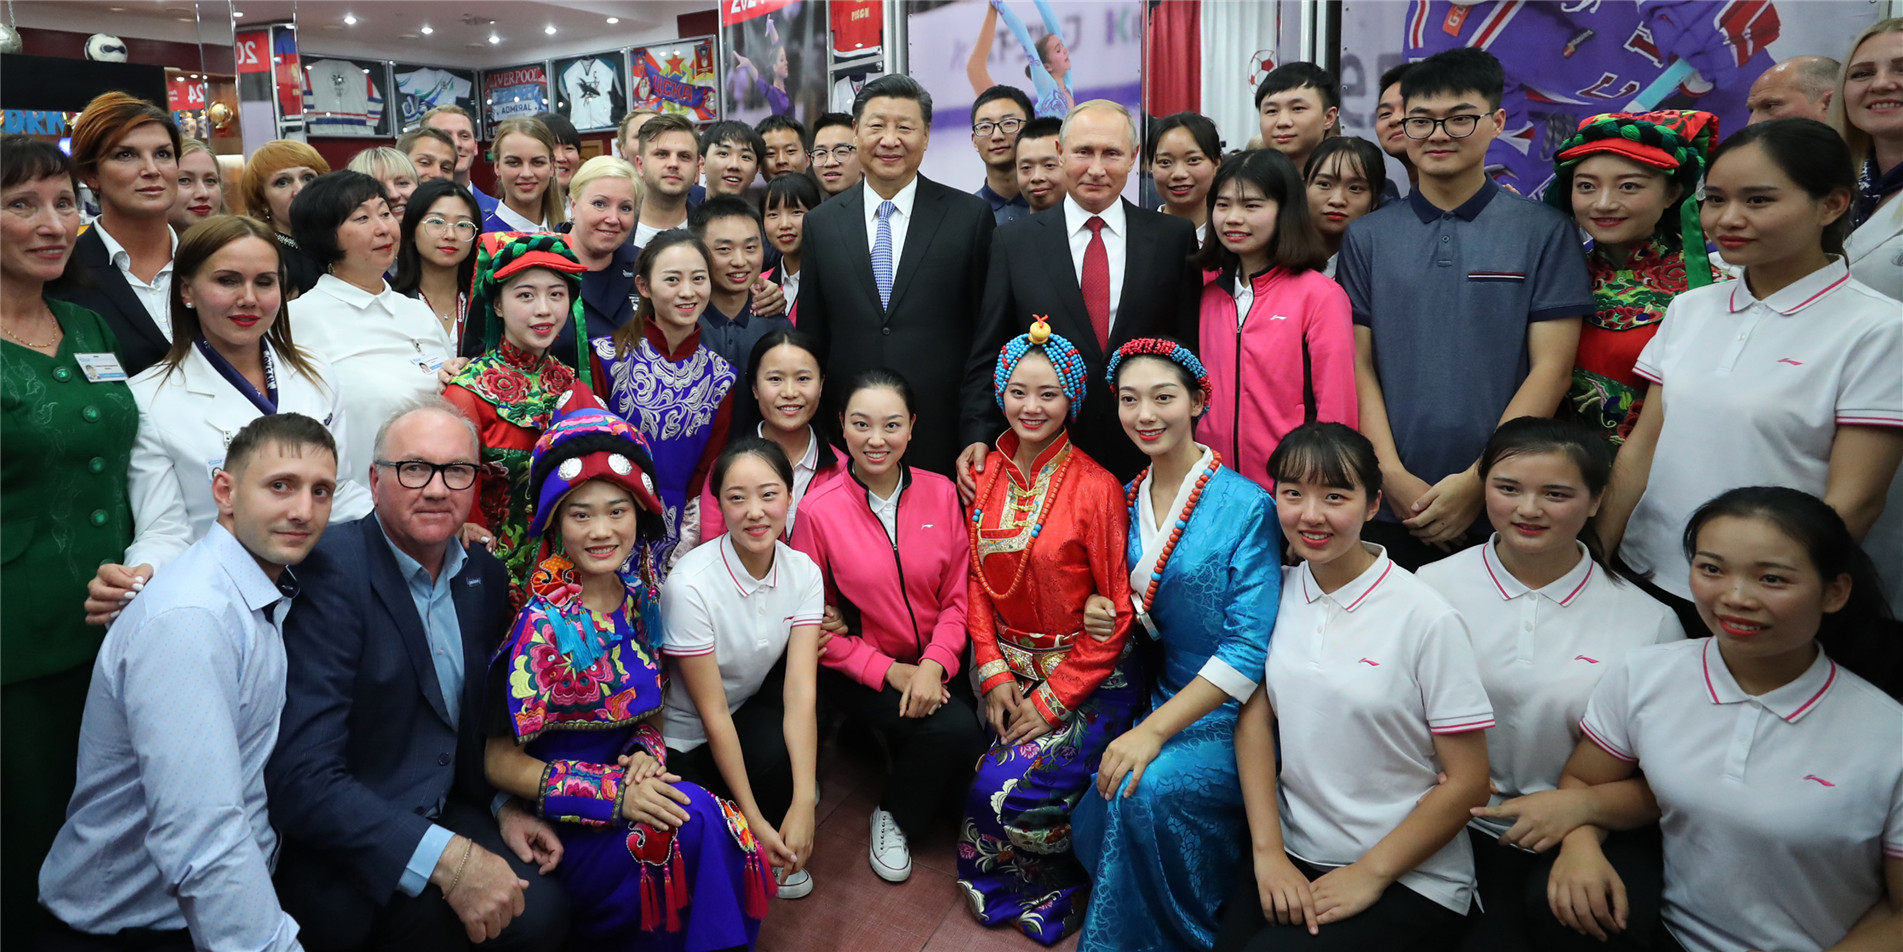 中俄关系发展史,也是两国青少年密切交往的历史。